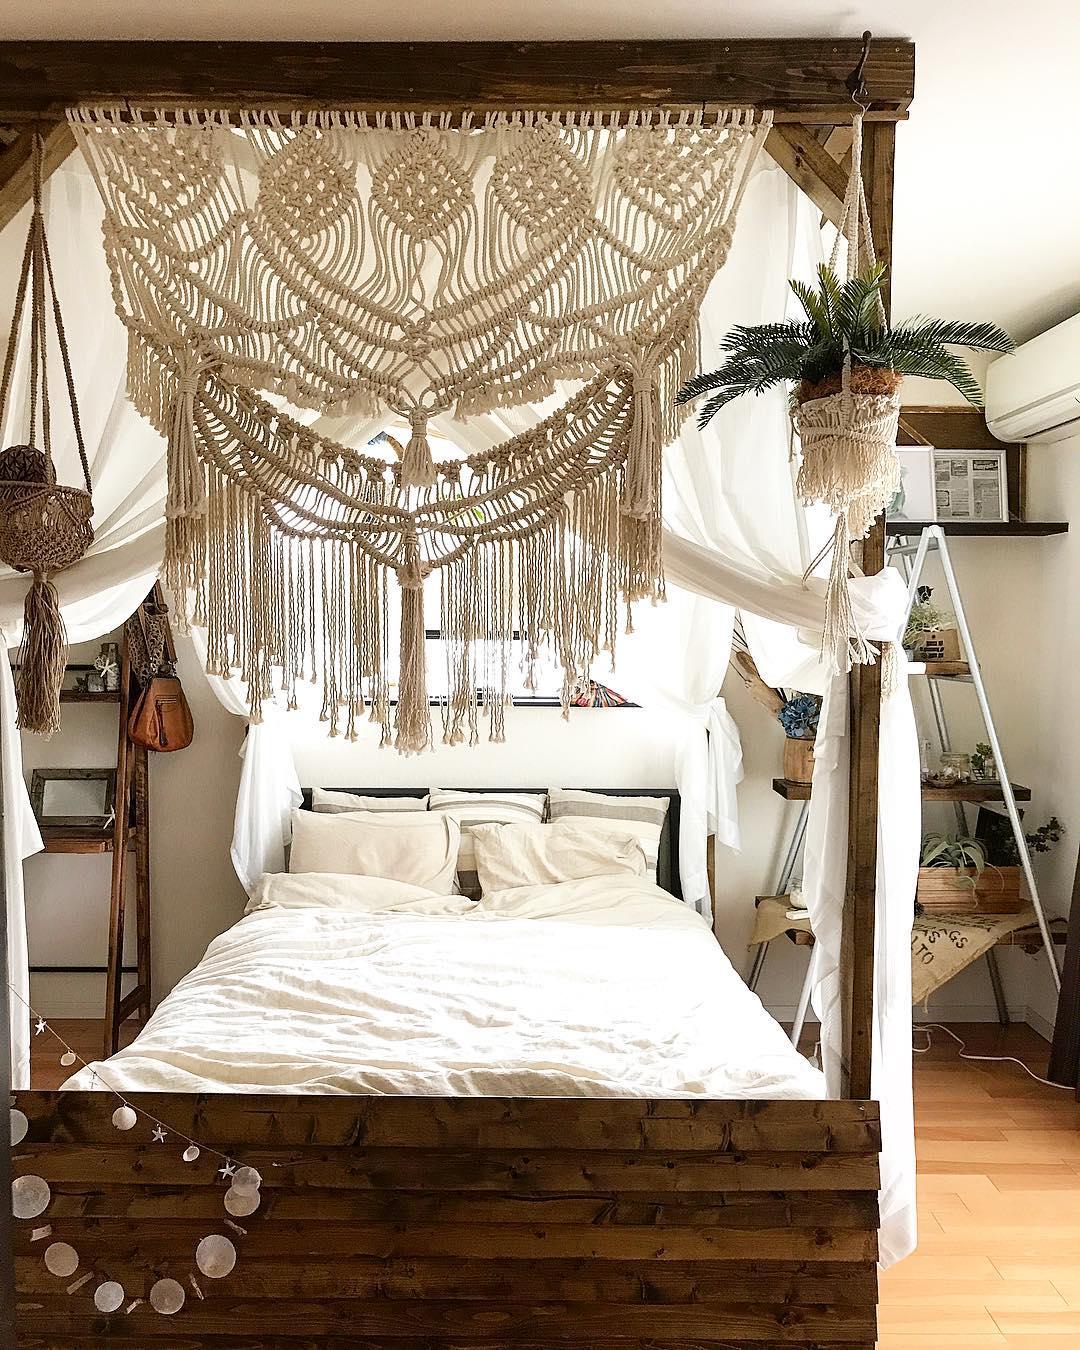 憧れのおしゃれな天蓋付ベッド